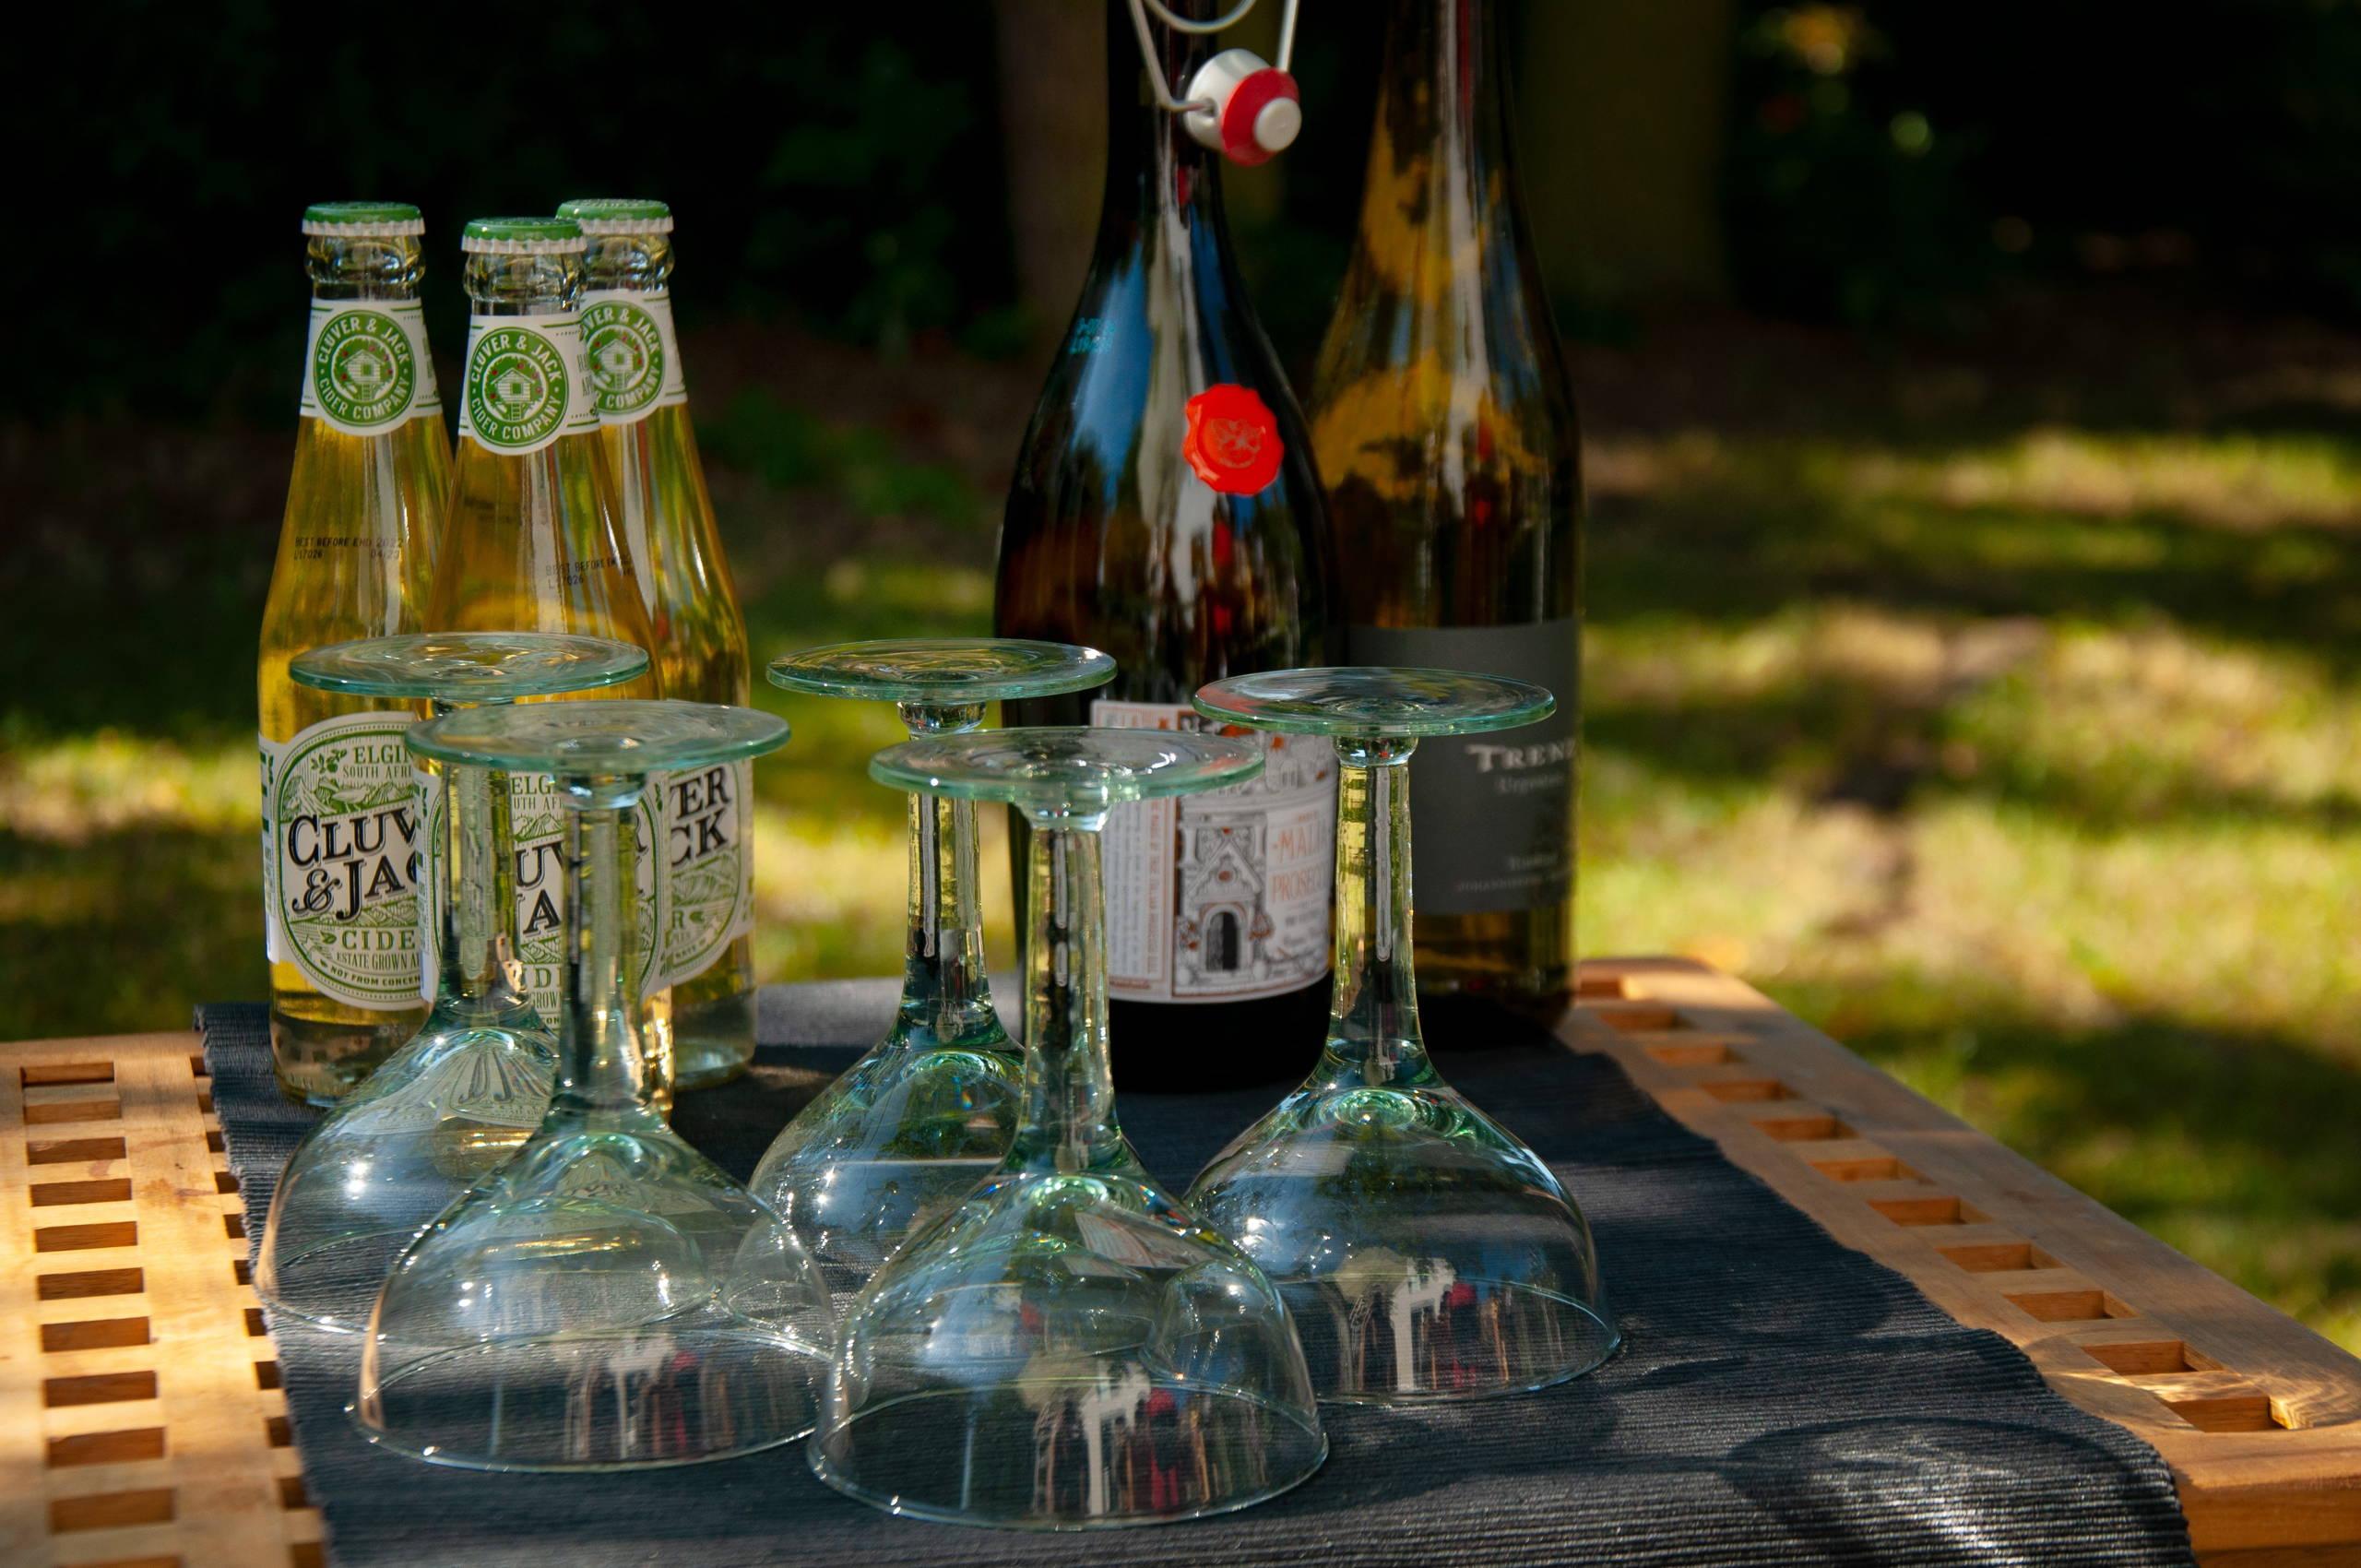 Getränk in Gläsern mit Zitrone und Minze auf Holzbrett